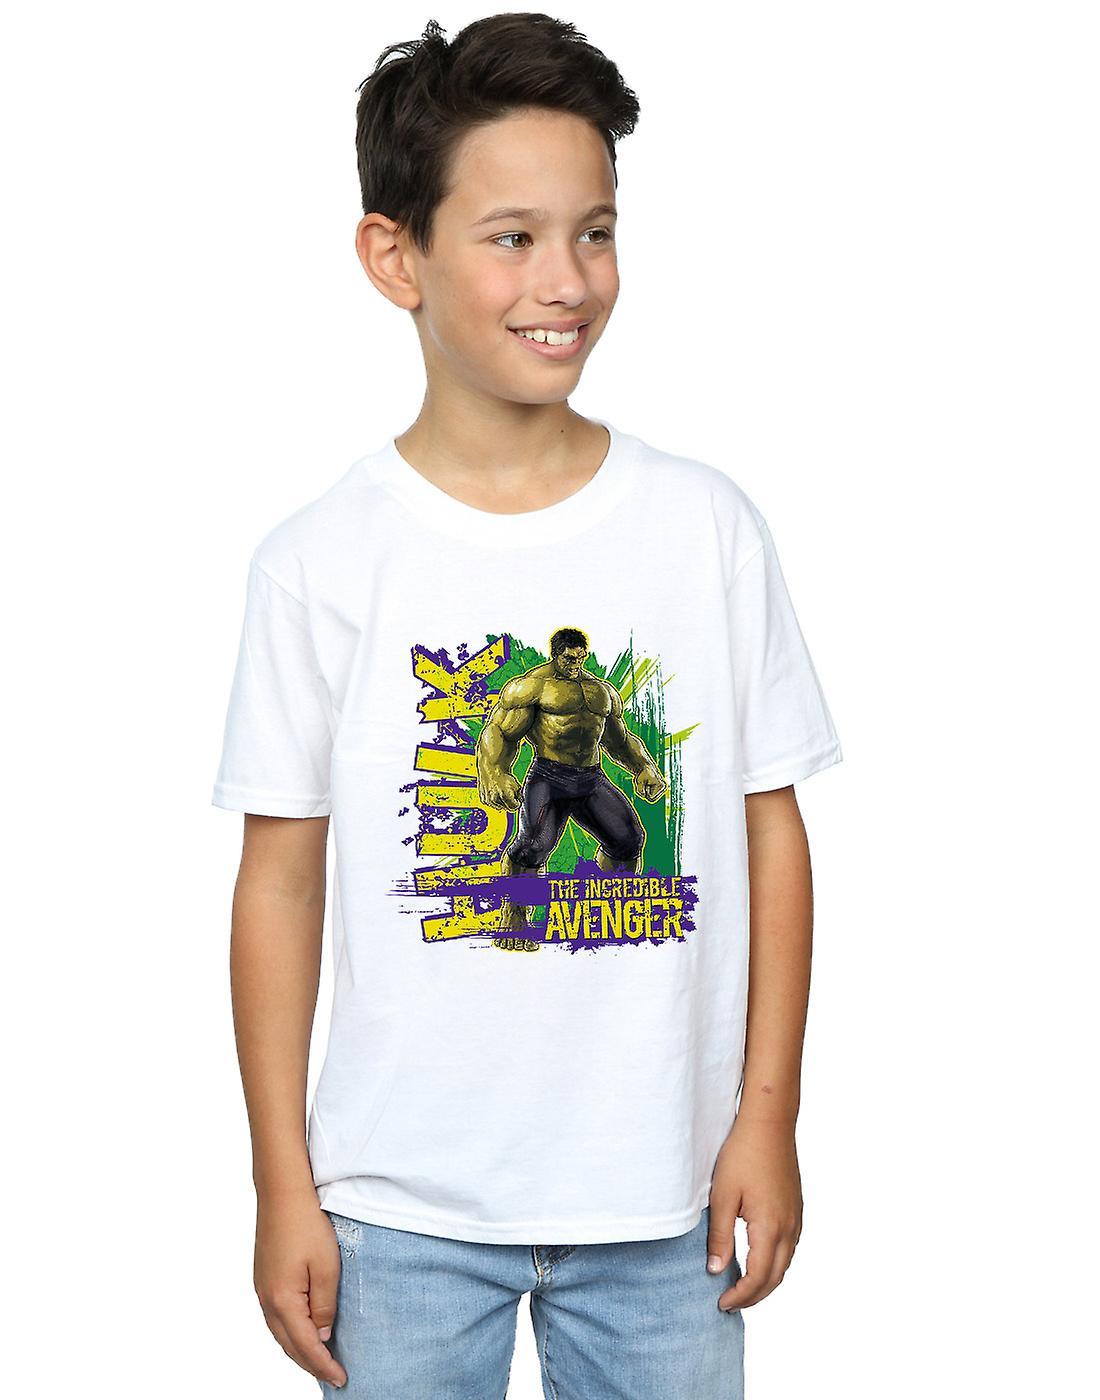 Wonder Boys Avengers Hulk ongelooflijke Avenger T-Shirt